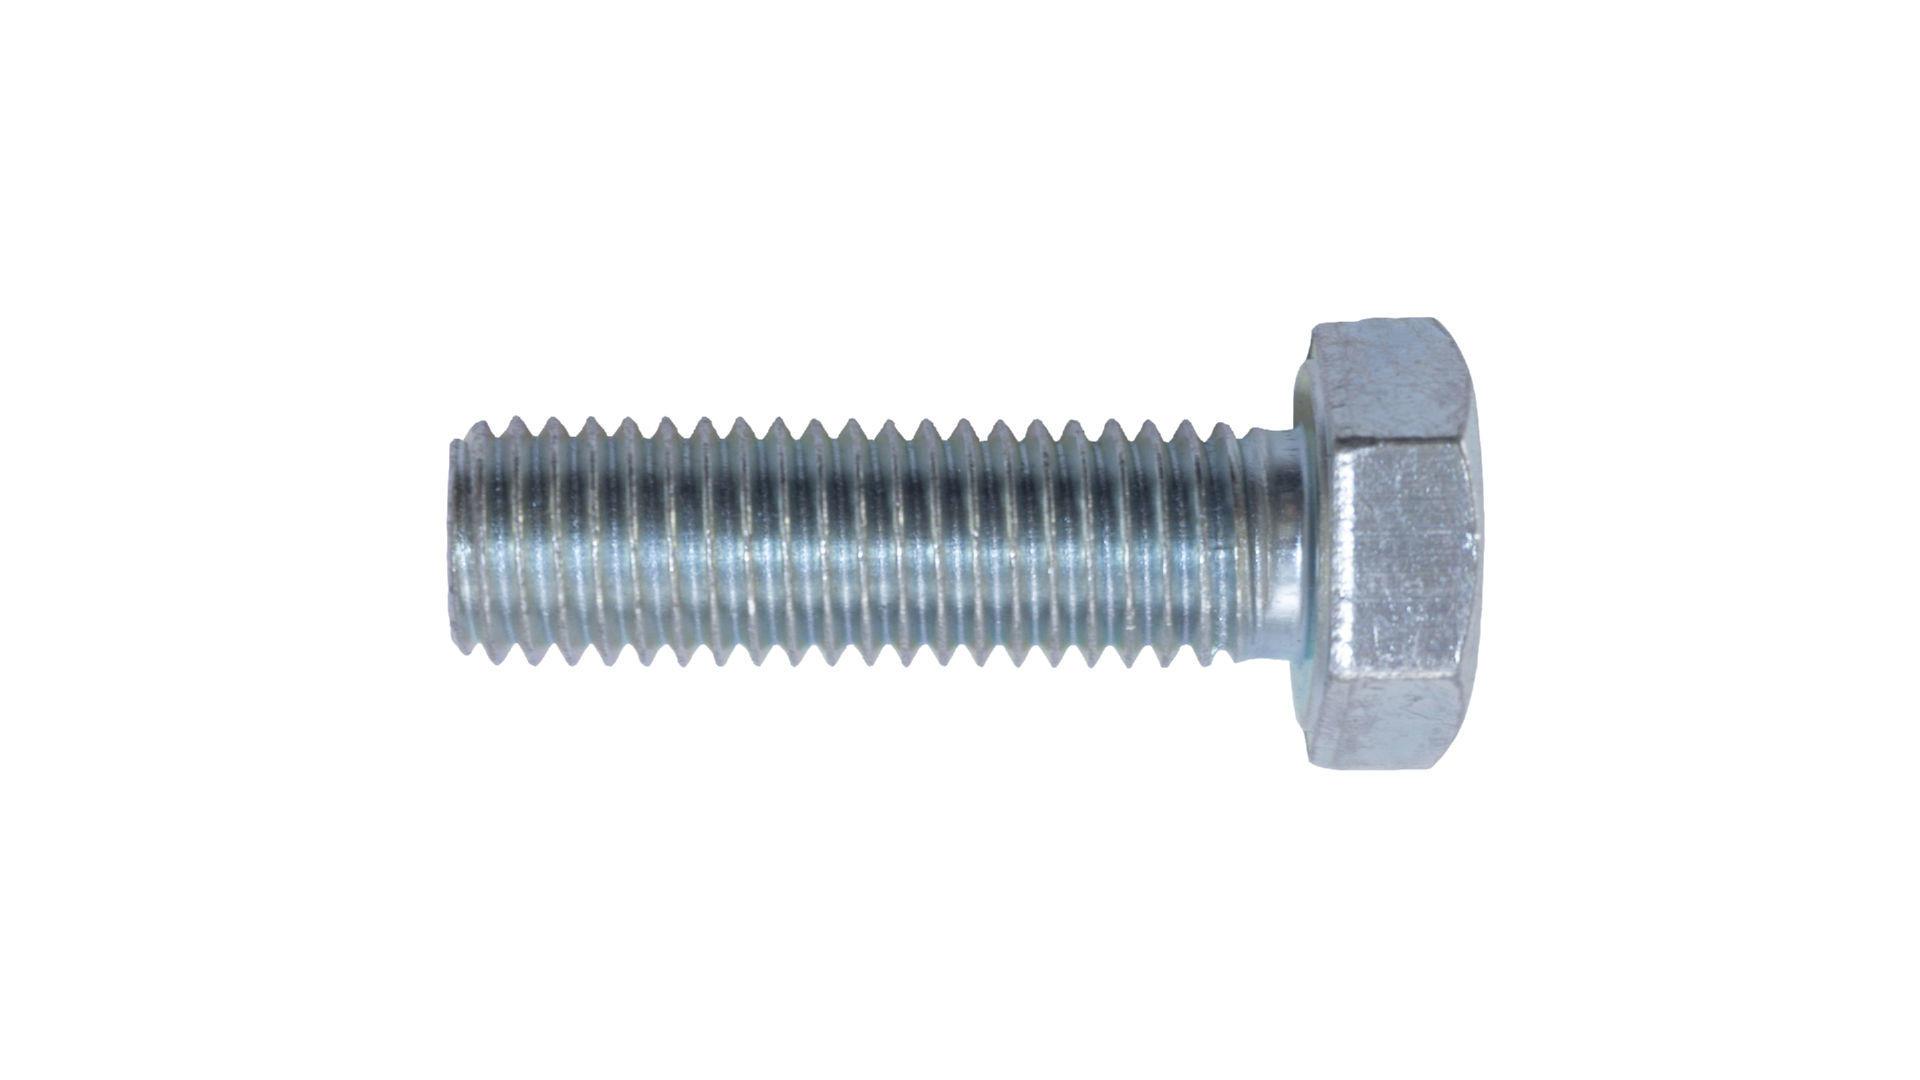 Болт шестигранный Apro - 12 x 40 мм DIN 933 (10 шт.) 3